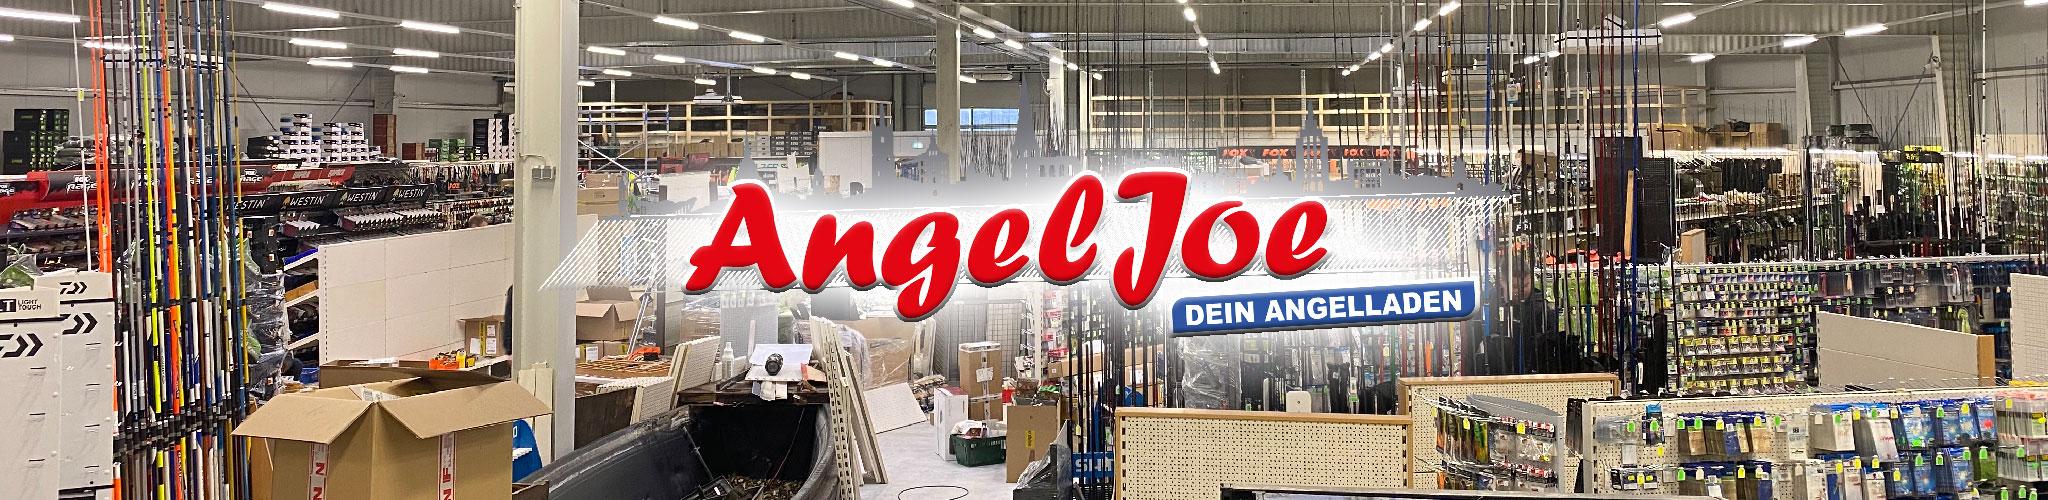 AngelJoe Rostock Neubau Umbau Eröffnung Facebook SEO